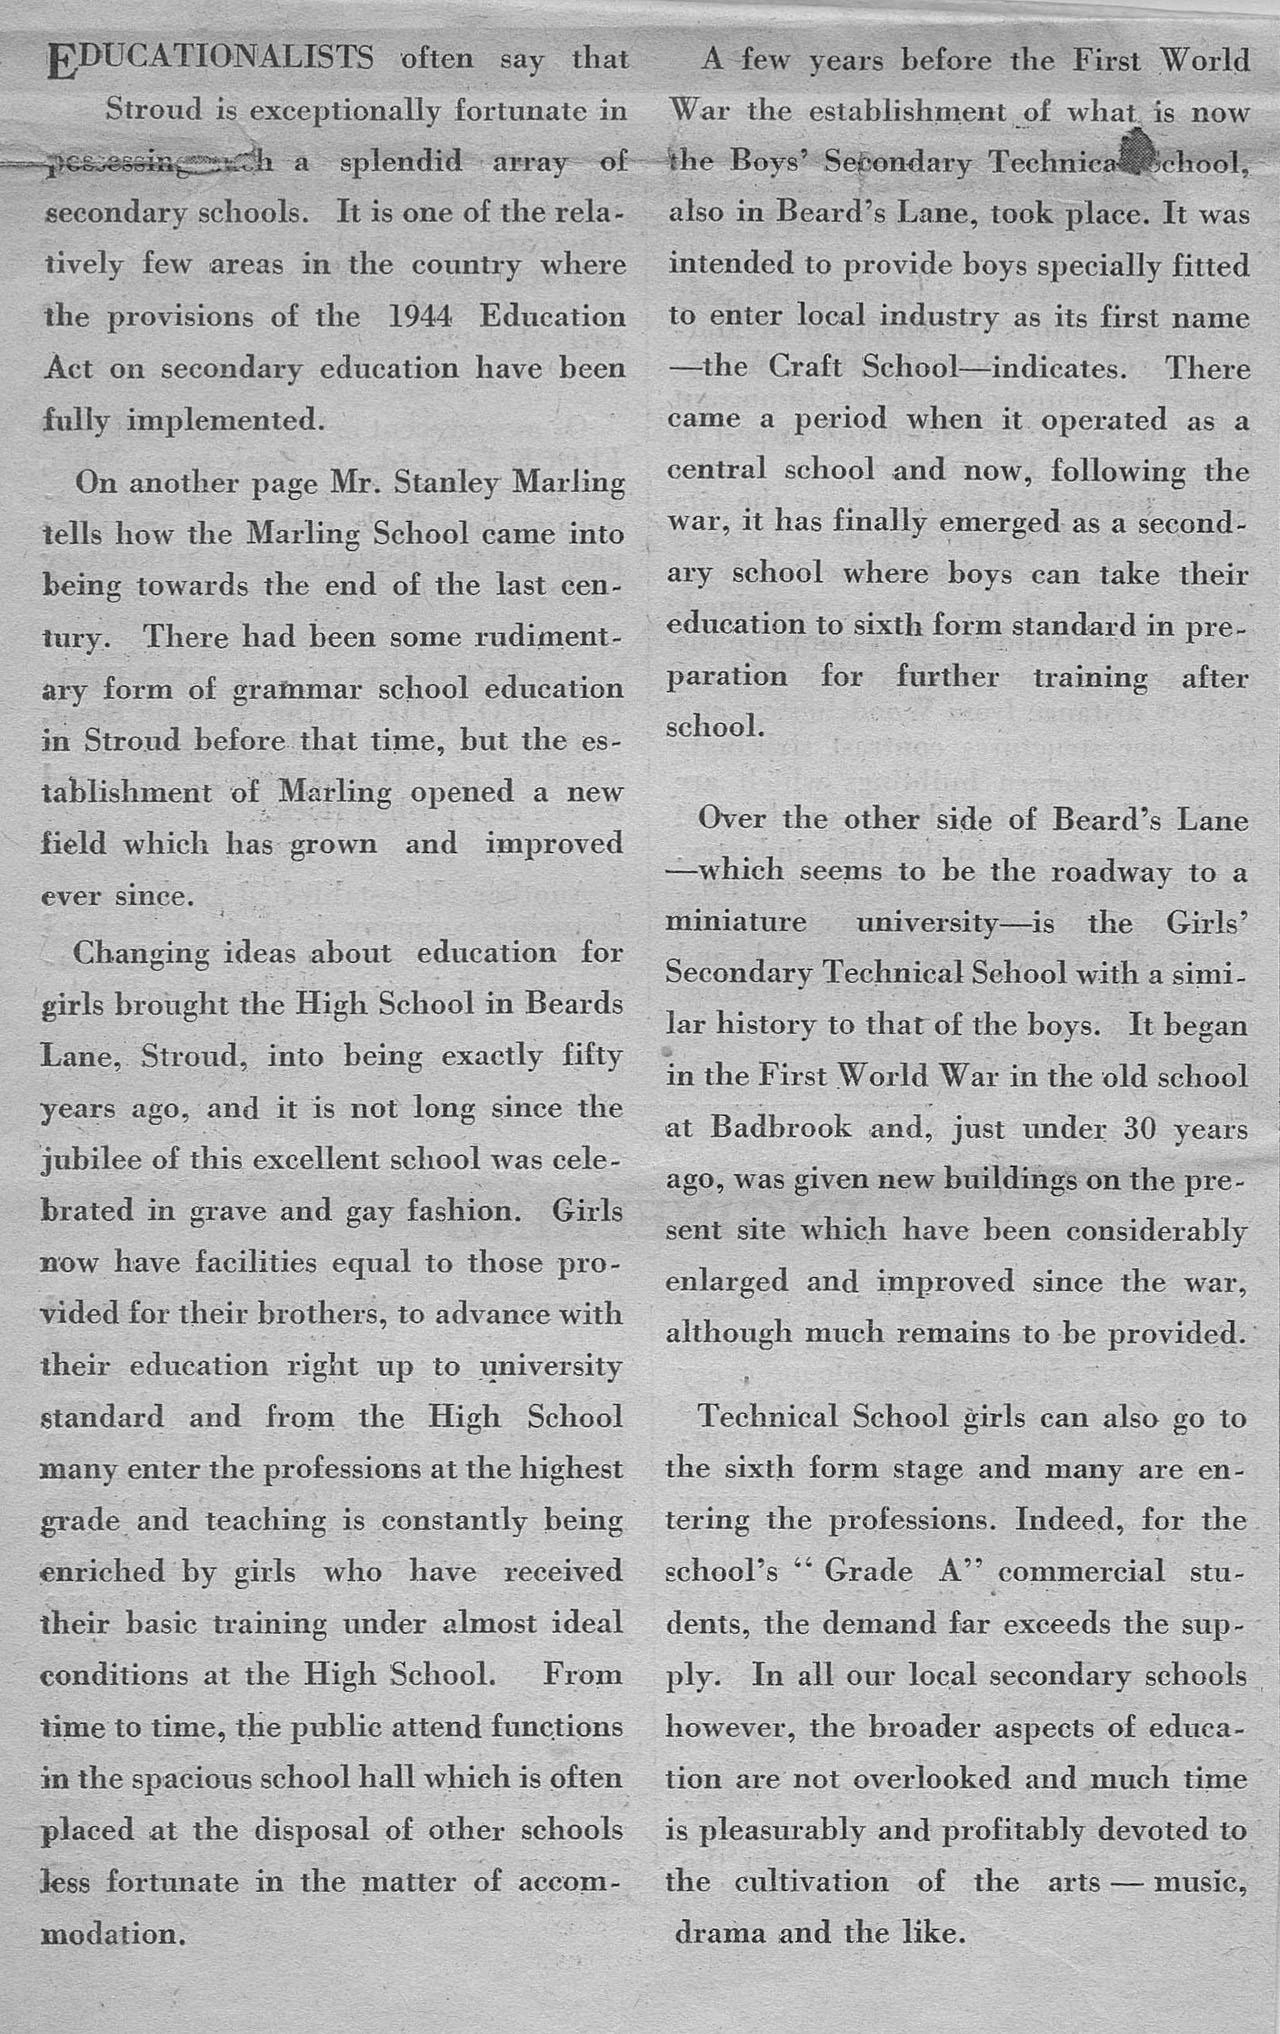 1954 schools